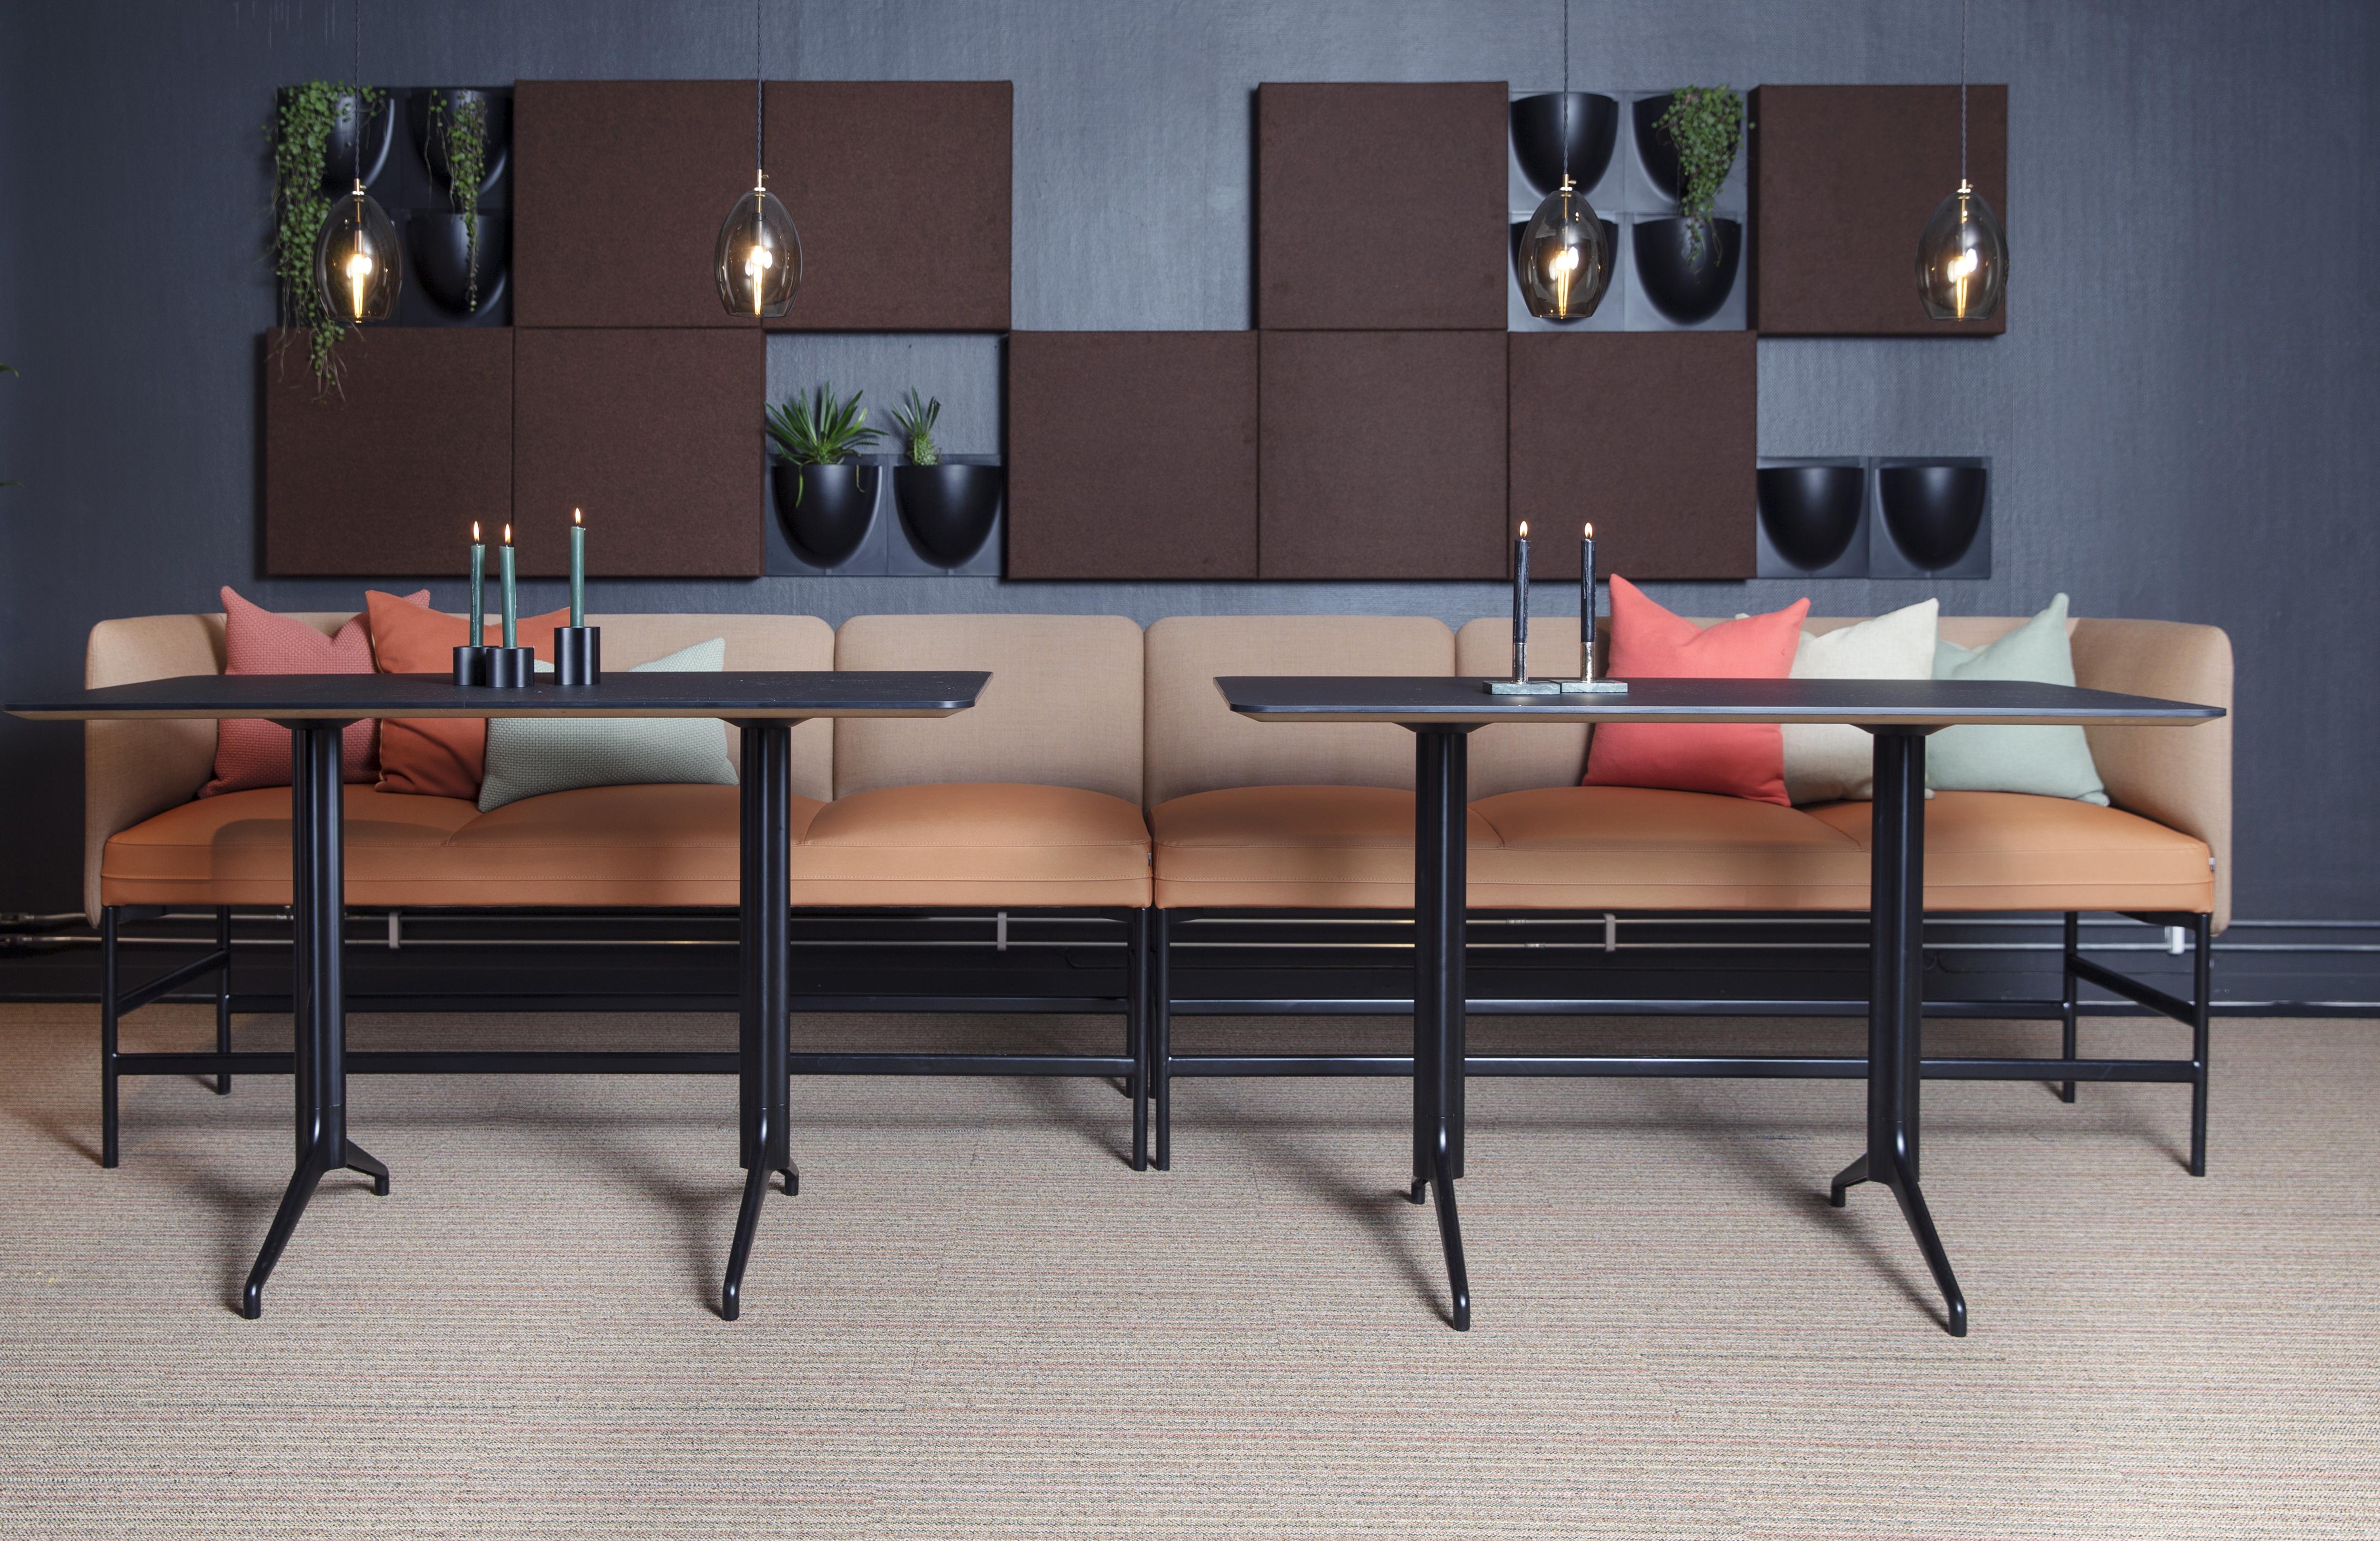 Senso barsofa 3 setere sammen med høye Kvart bord Fora Form